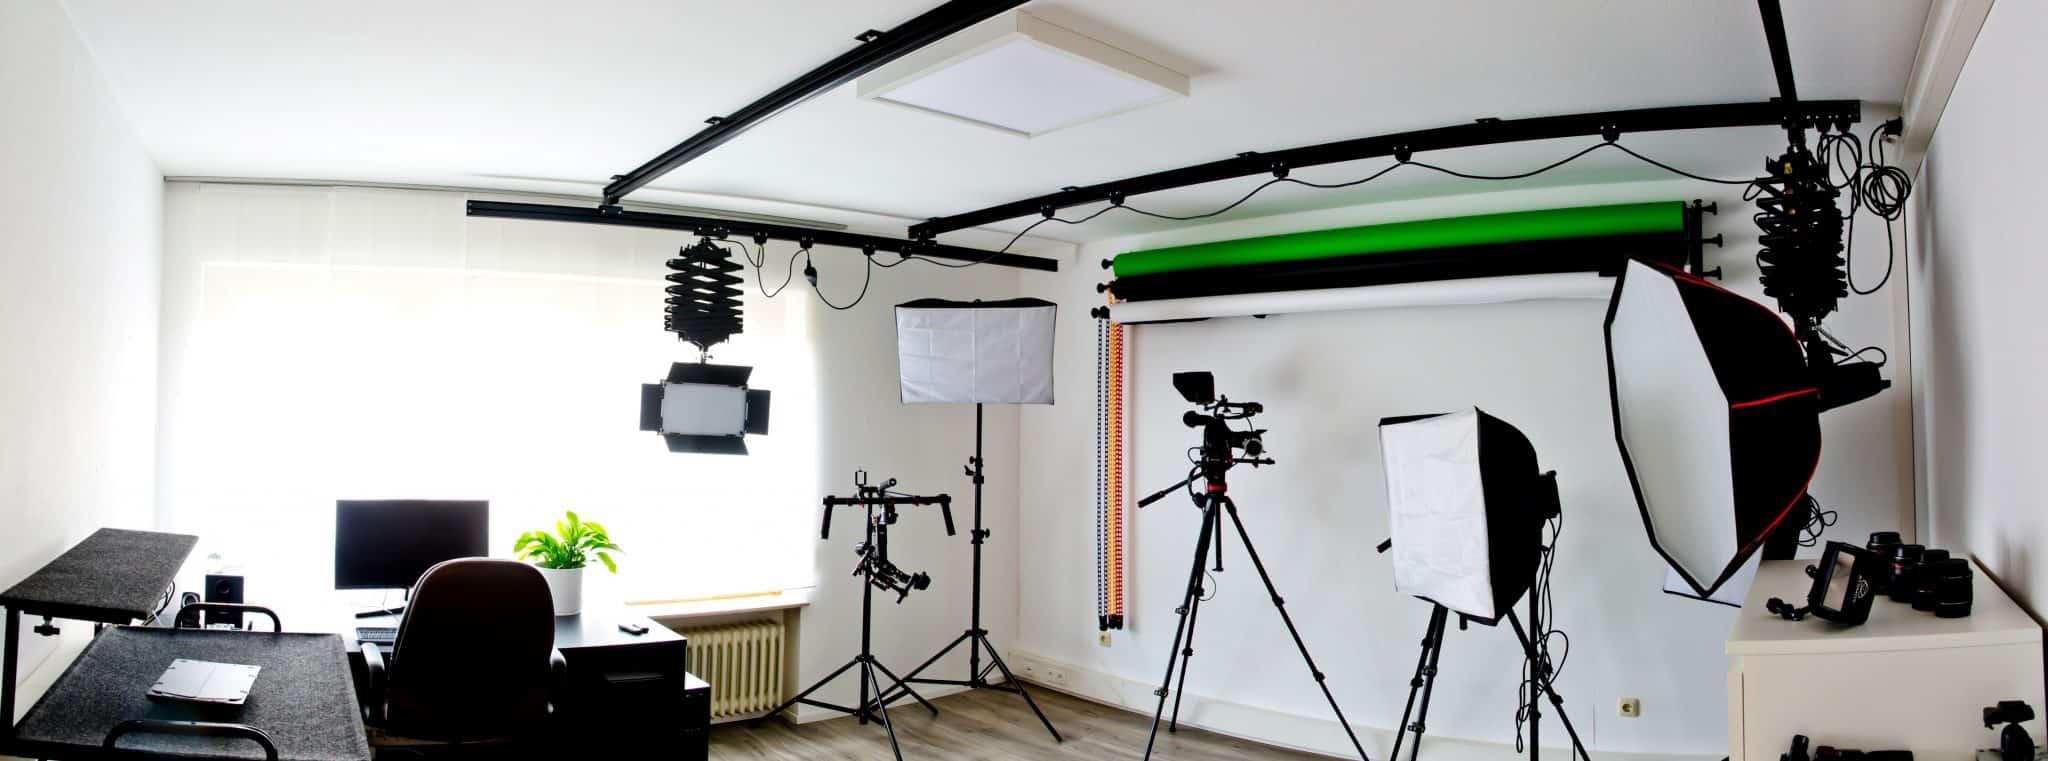 Studio-Film-Foto